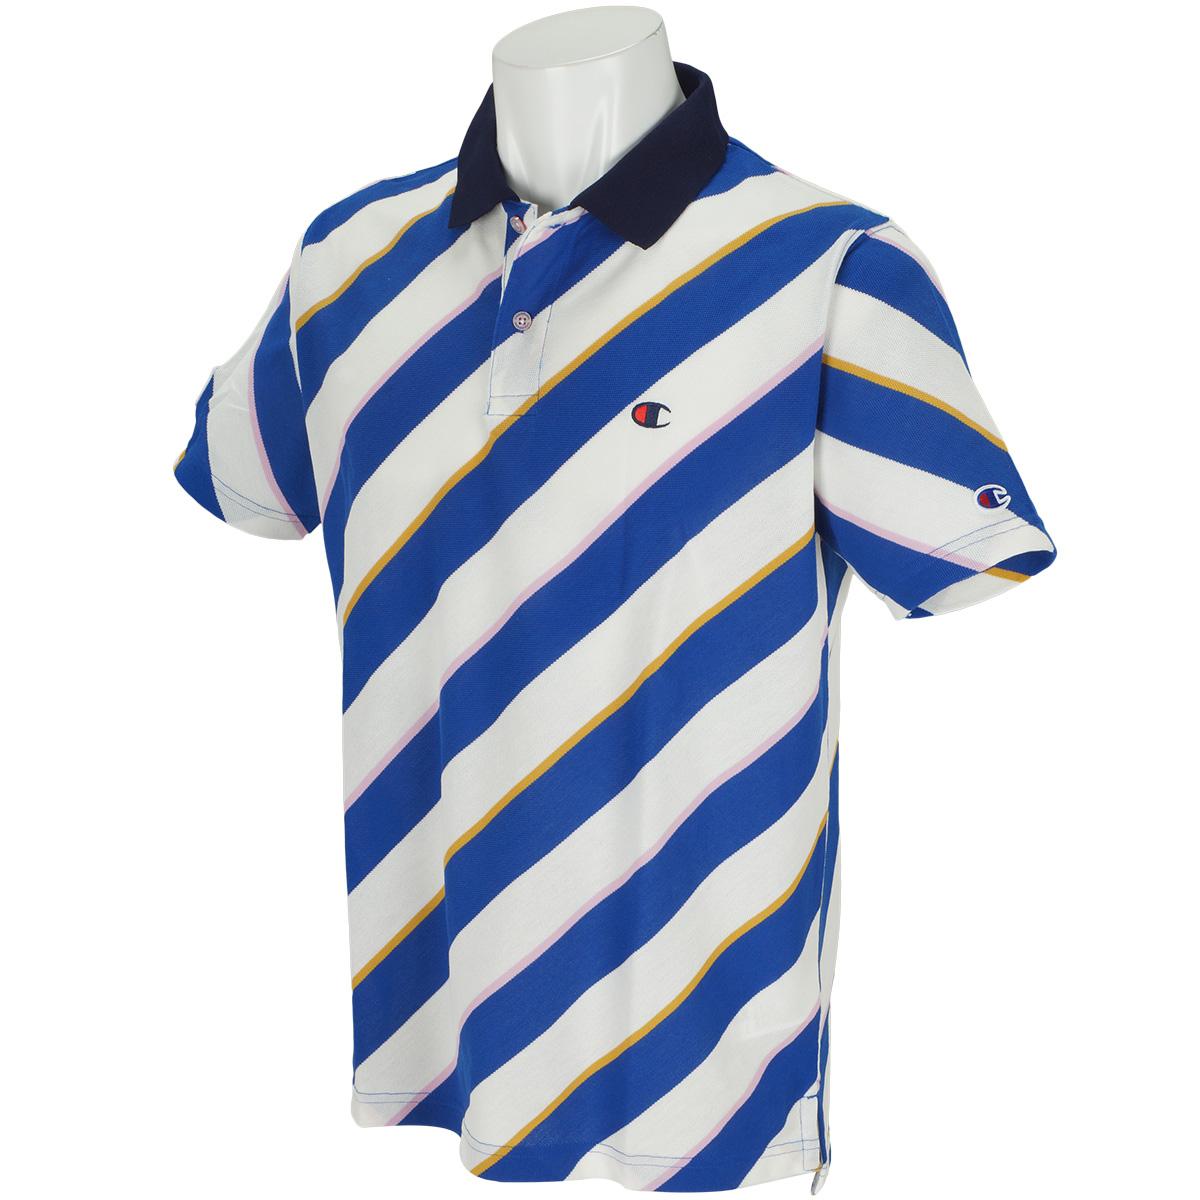 ストレッチ マルチストライプ 半袖ポロシャツ